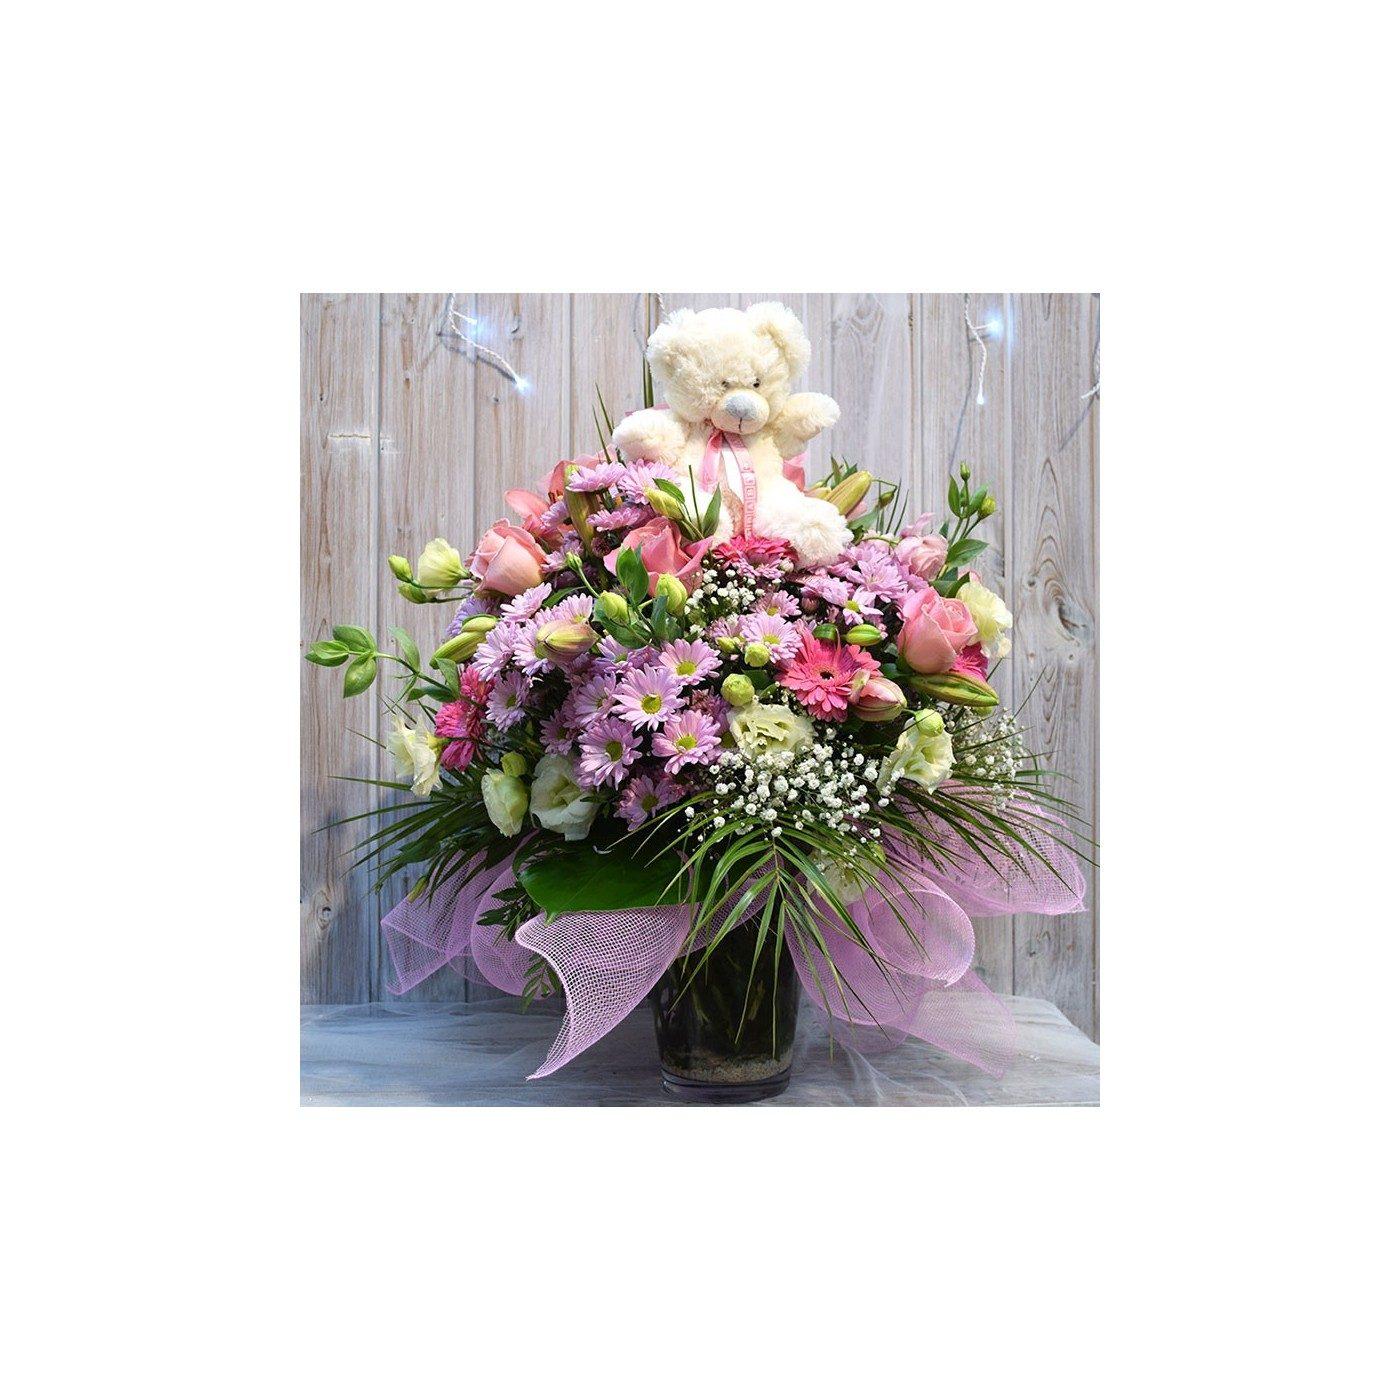 Gerro de flor variada nena amb peluix